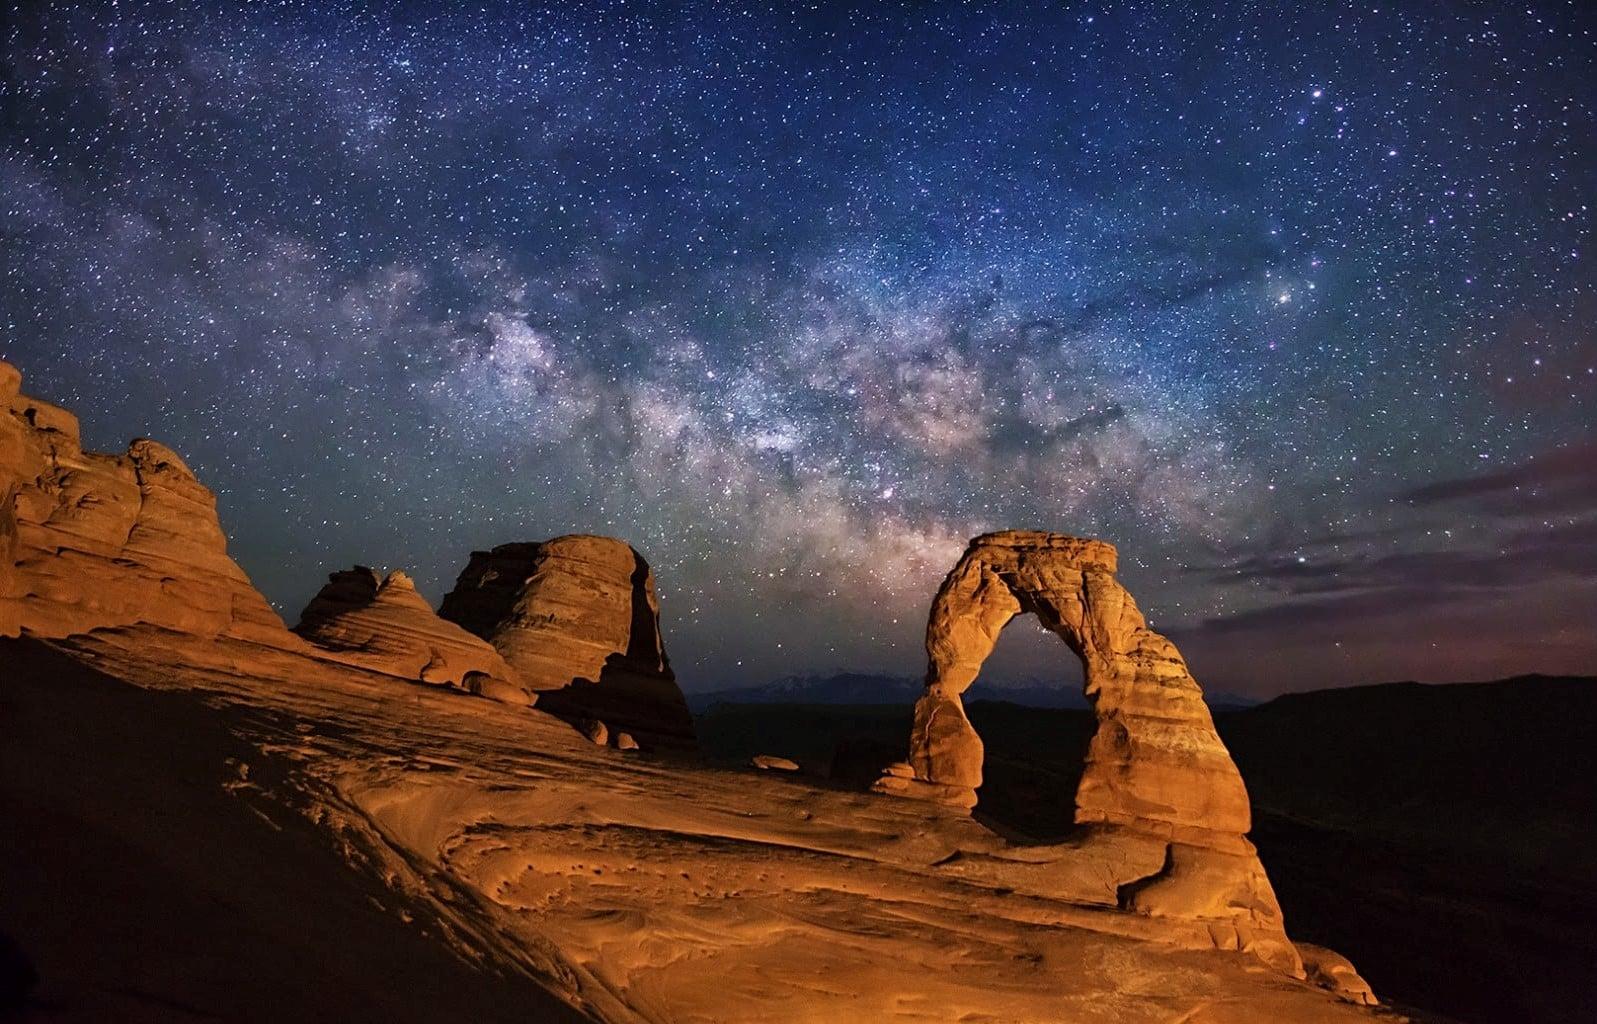 پارک ملی آرچز-منطقه رصد ستارهای